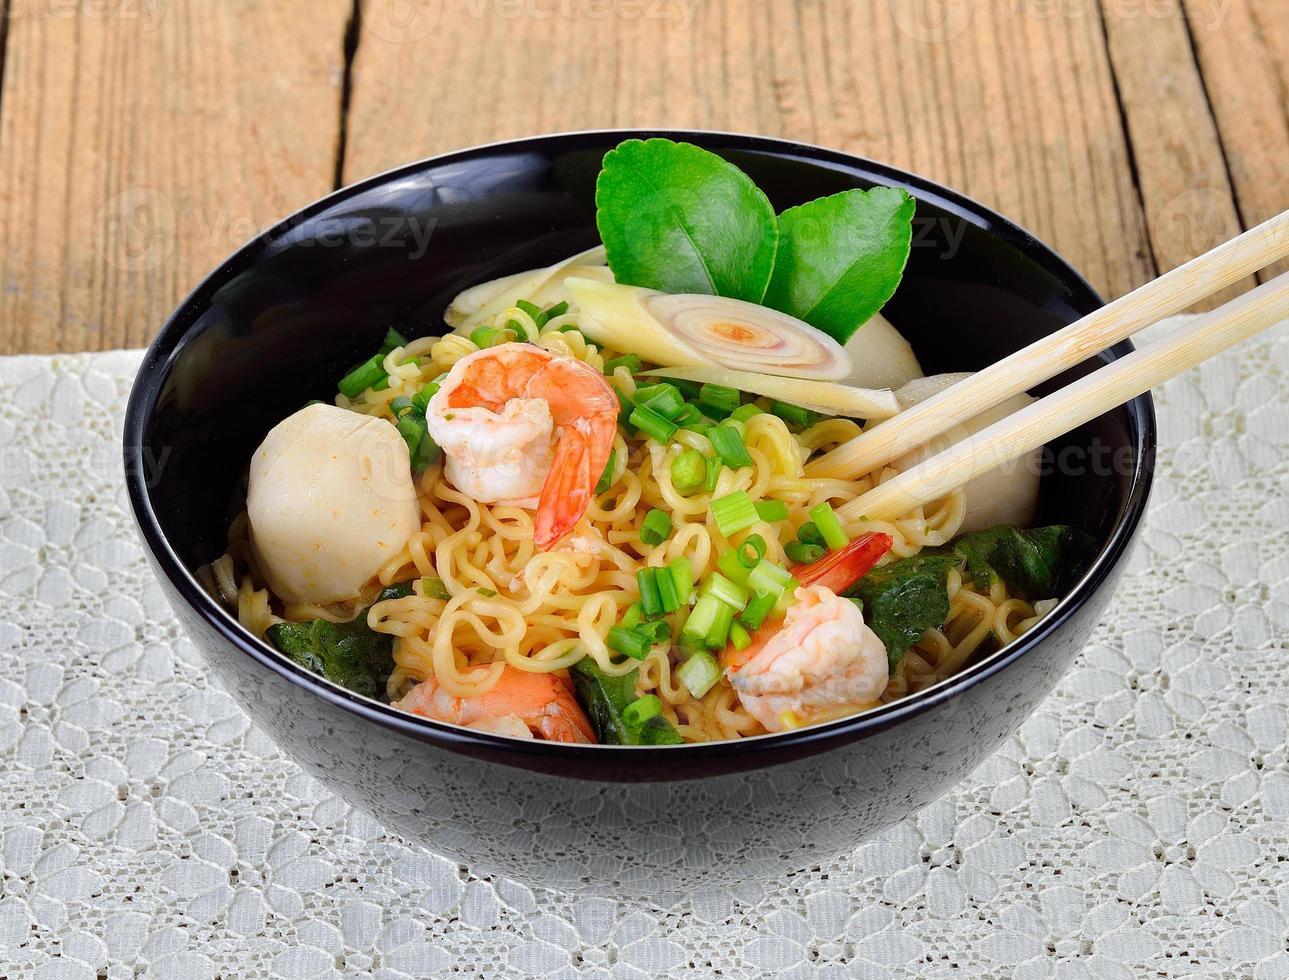 hete en pittige instant noodle met garnalen en groente foto